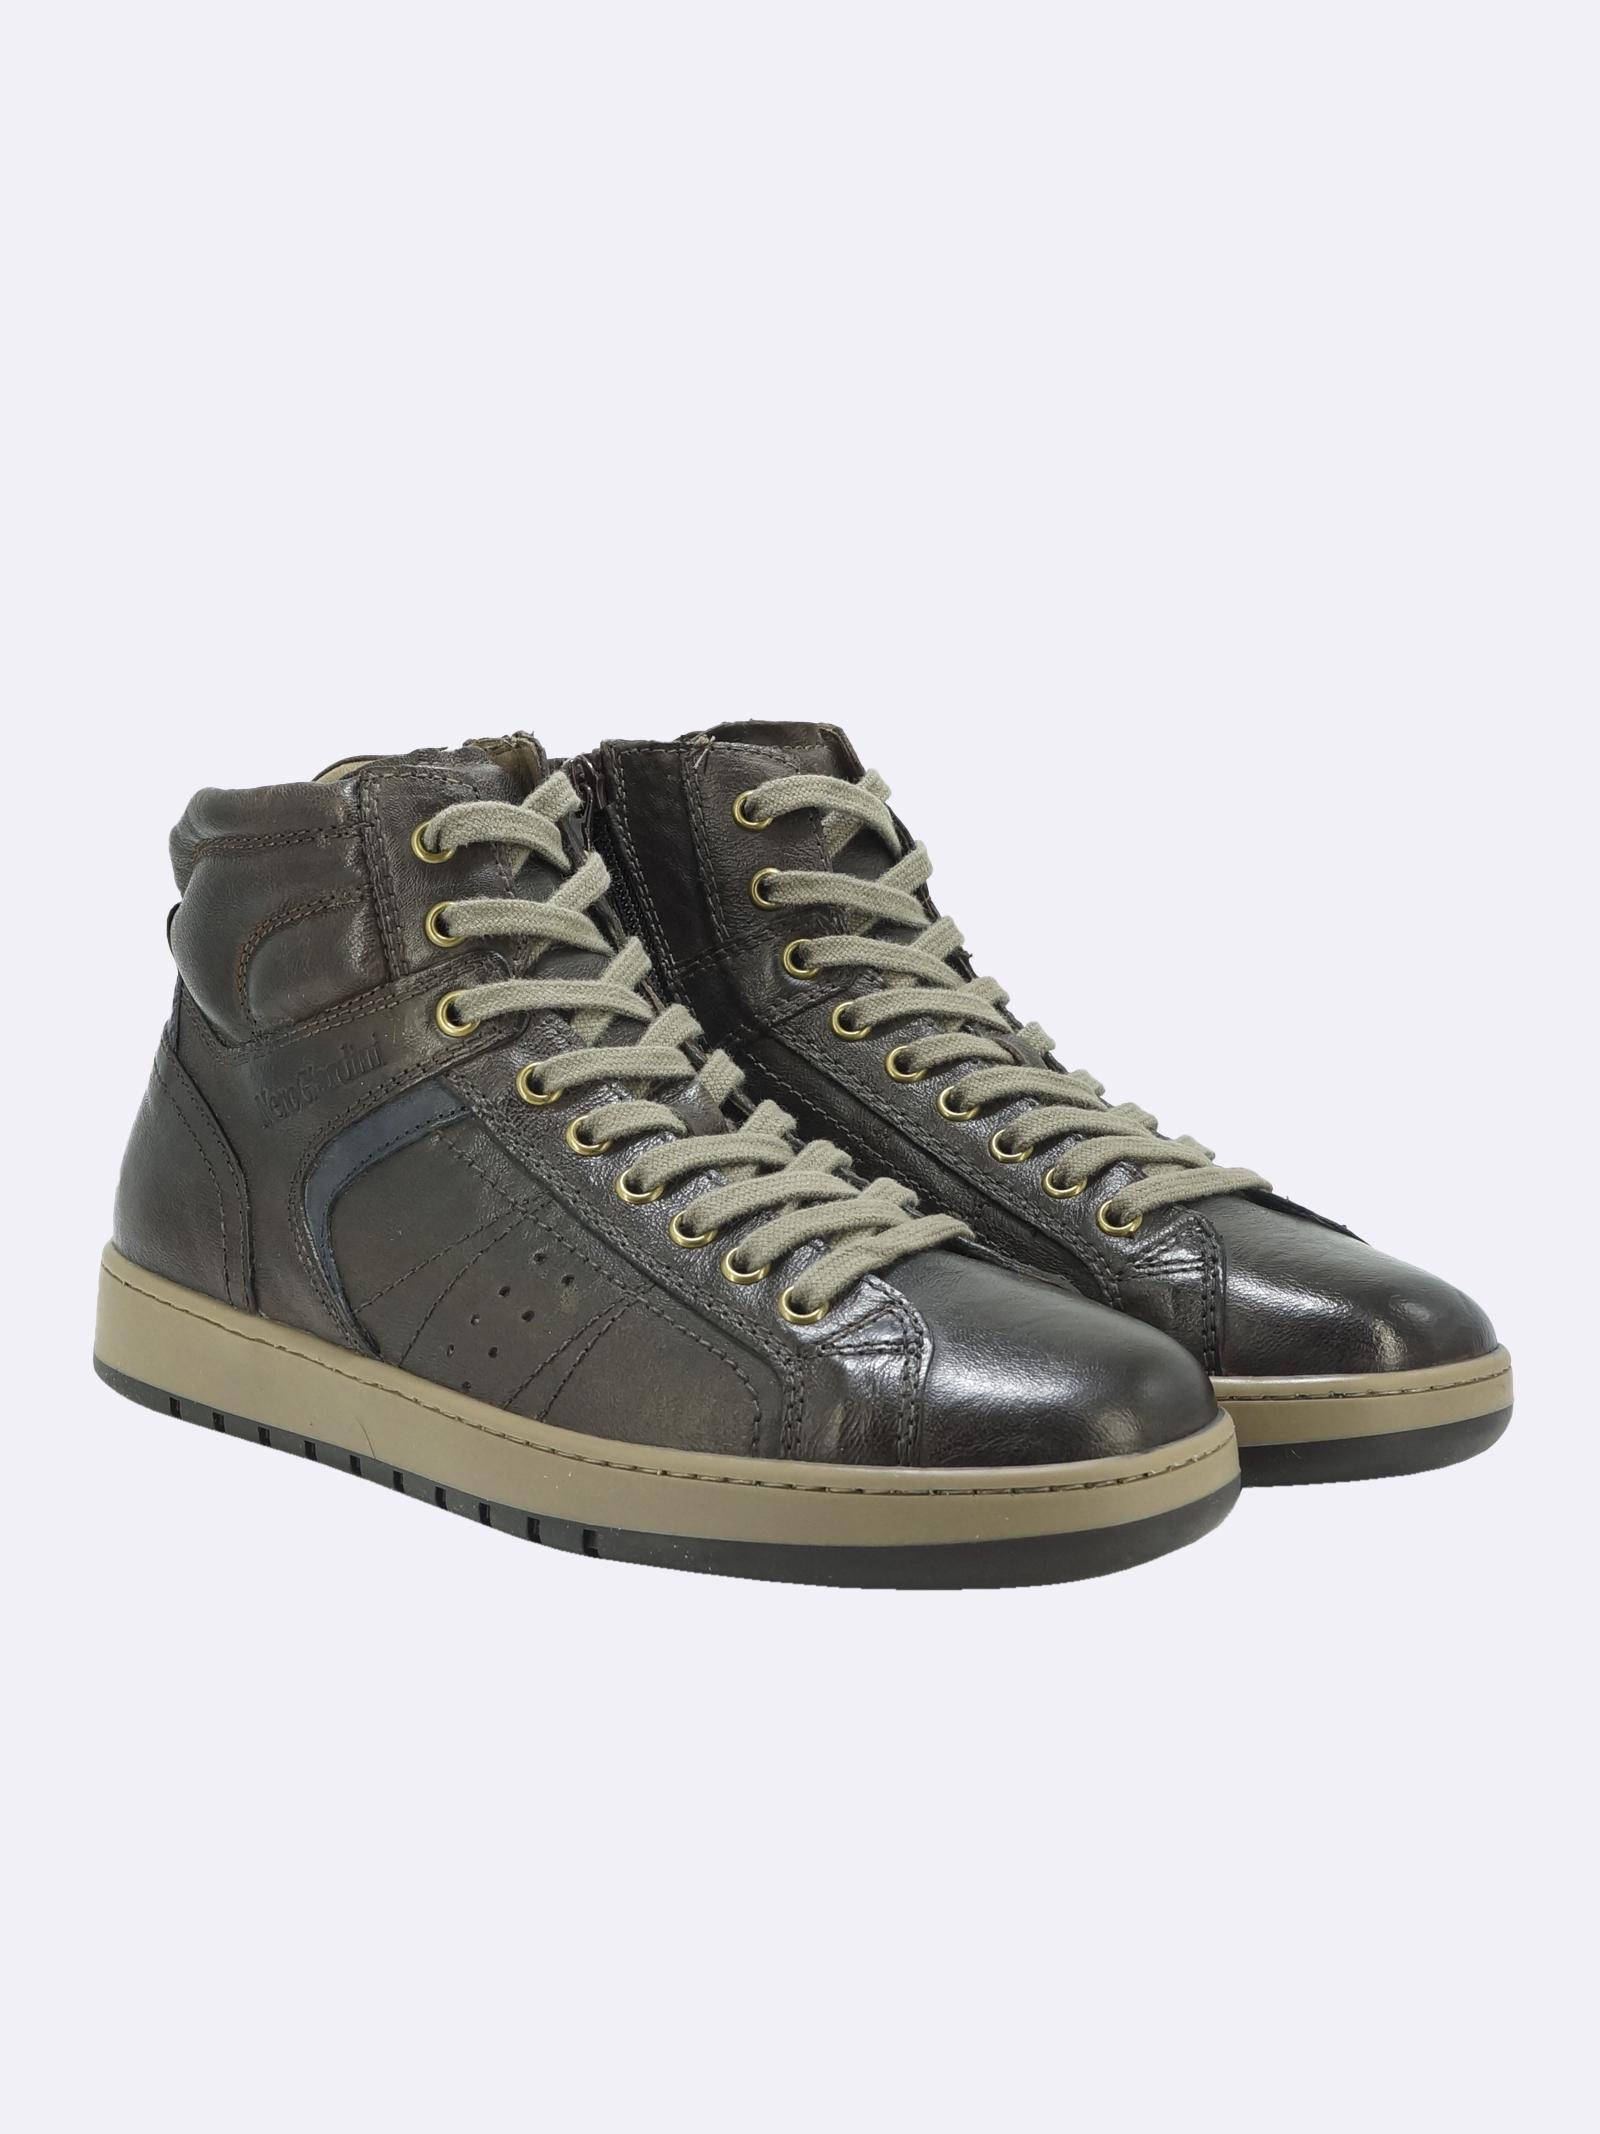 Sneakers Stivaletto Uomo in Pelle Marrone con Lacci e Zip Nero Giardini | Sneakers | I102190UMARRONE300